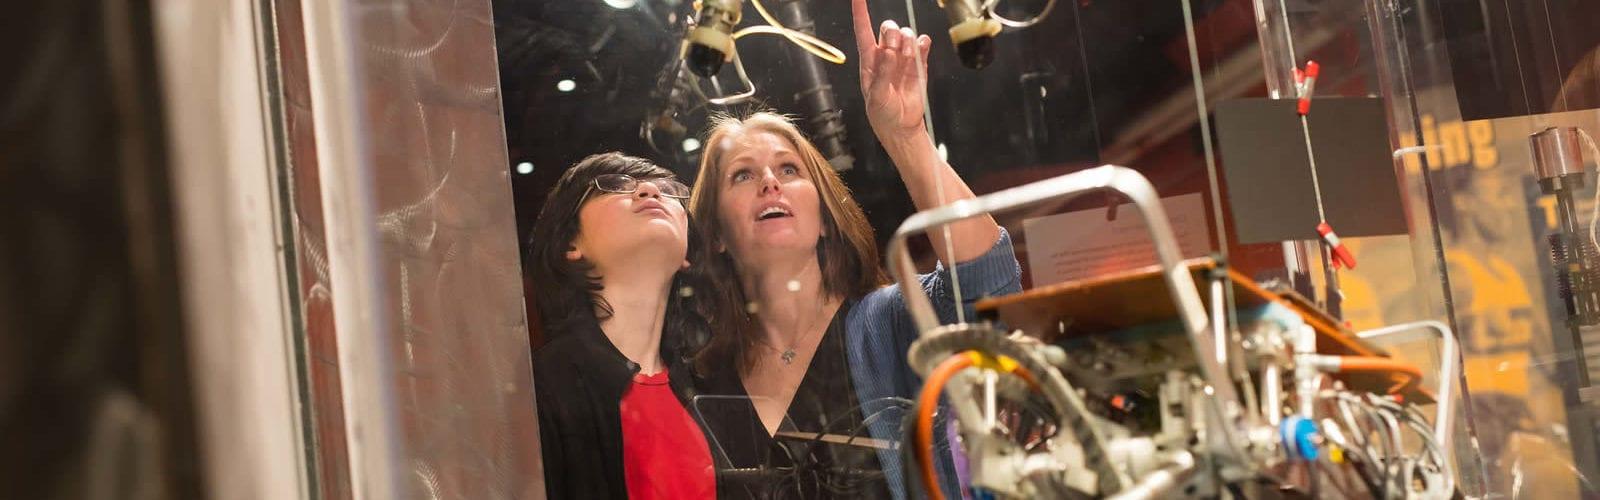 mit-museum-technologie-robotique-une